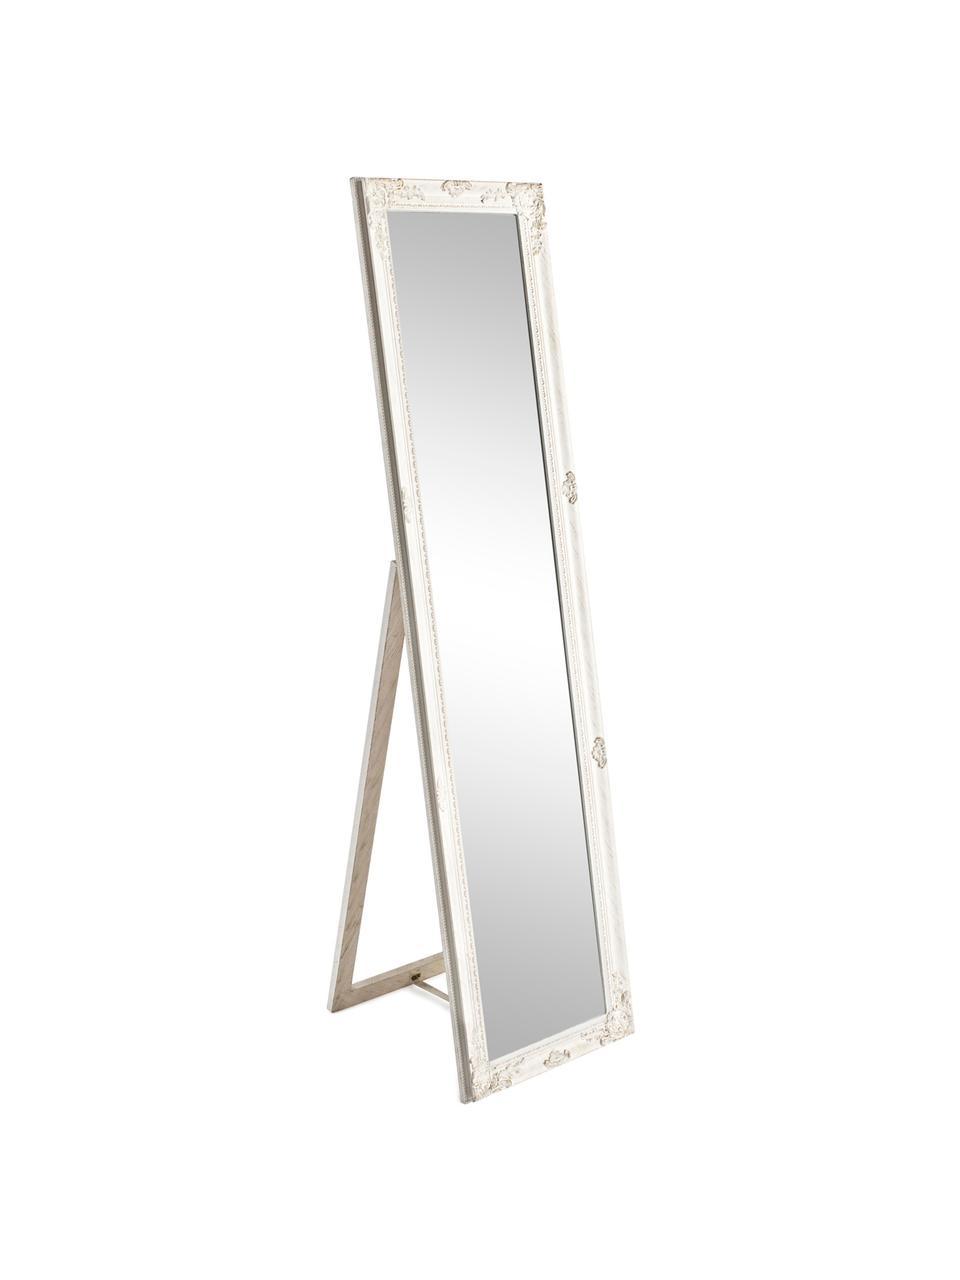 Standspiegel Miro mit weißem Rahmen, Rahmen: Holz, beschichtet, Spiegelfläche: Spiegelglas, Weiß, 40 x 160 cm